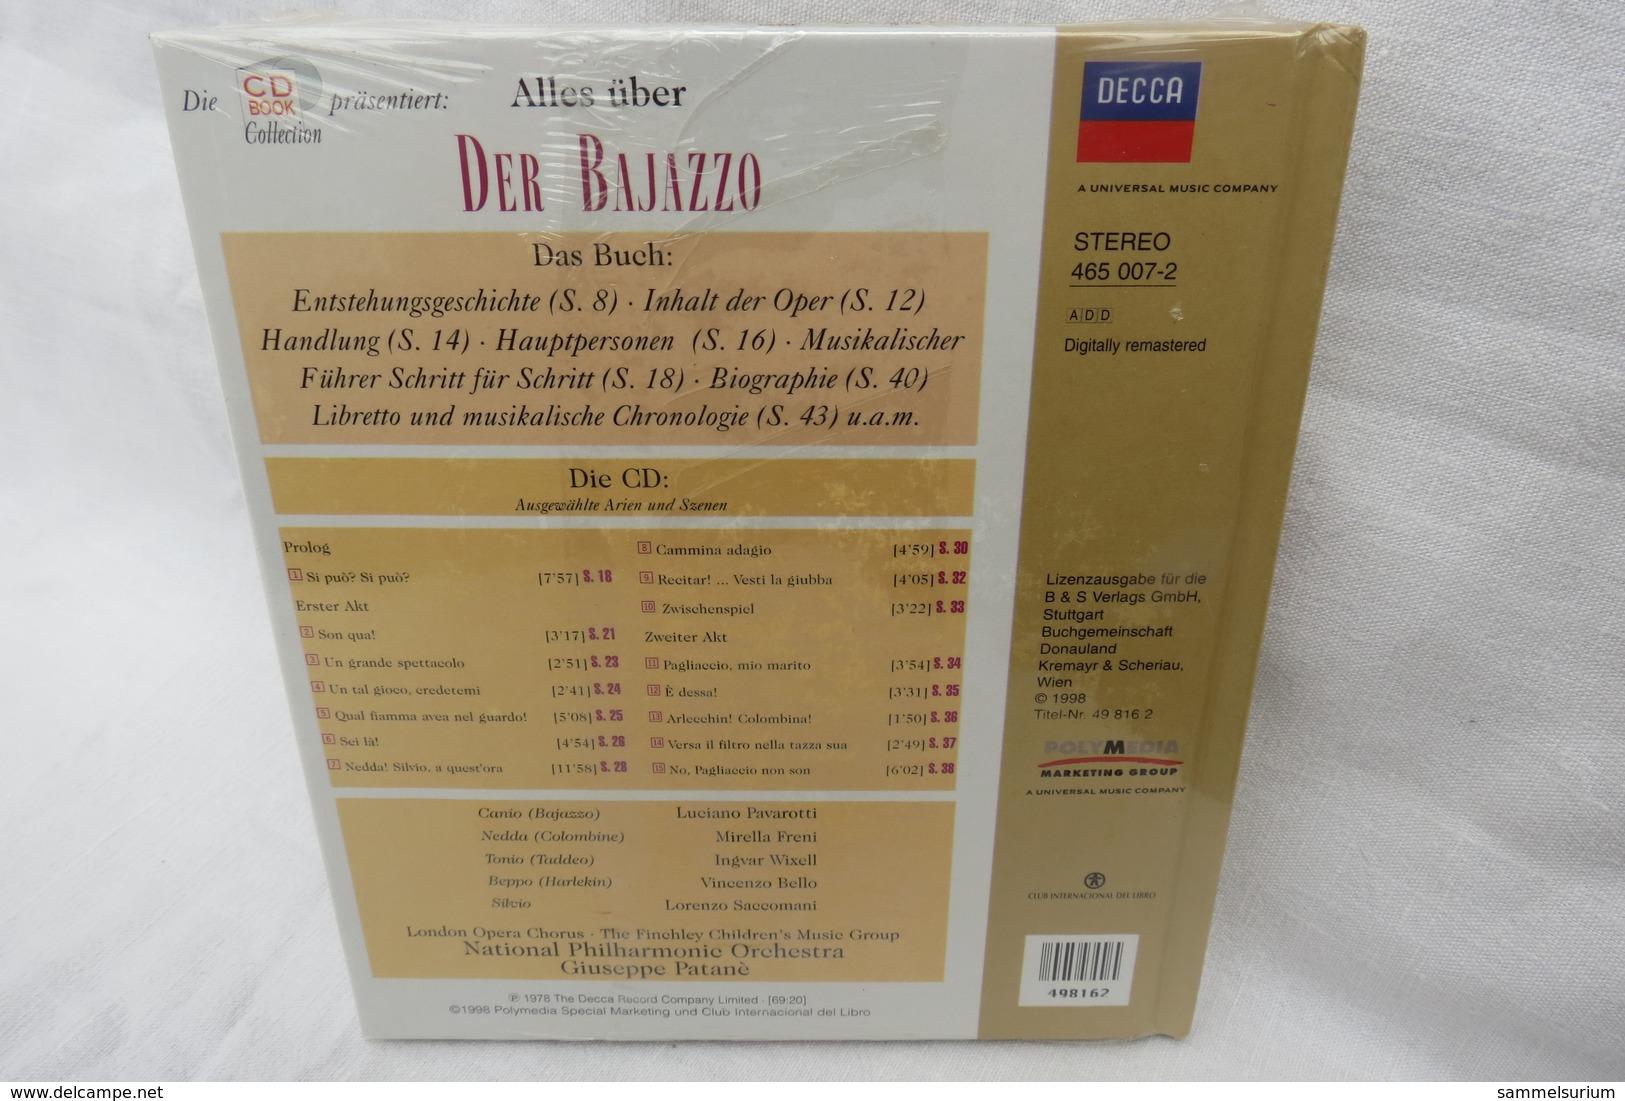 """CD """"Der Bajazzo / Ruggero Leoncavallo"""" Mit Buch Aus Der CD Book Collection (ungeöffnet, Original Eingeschweißt) - Oper & Operette"""